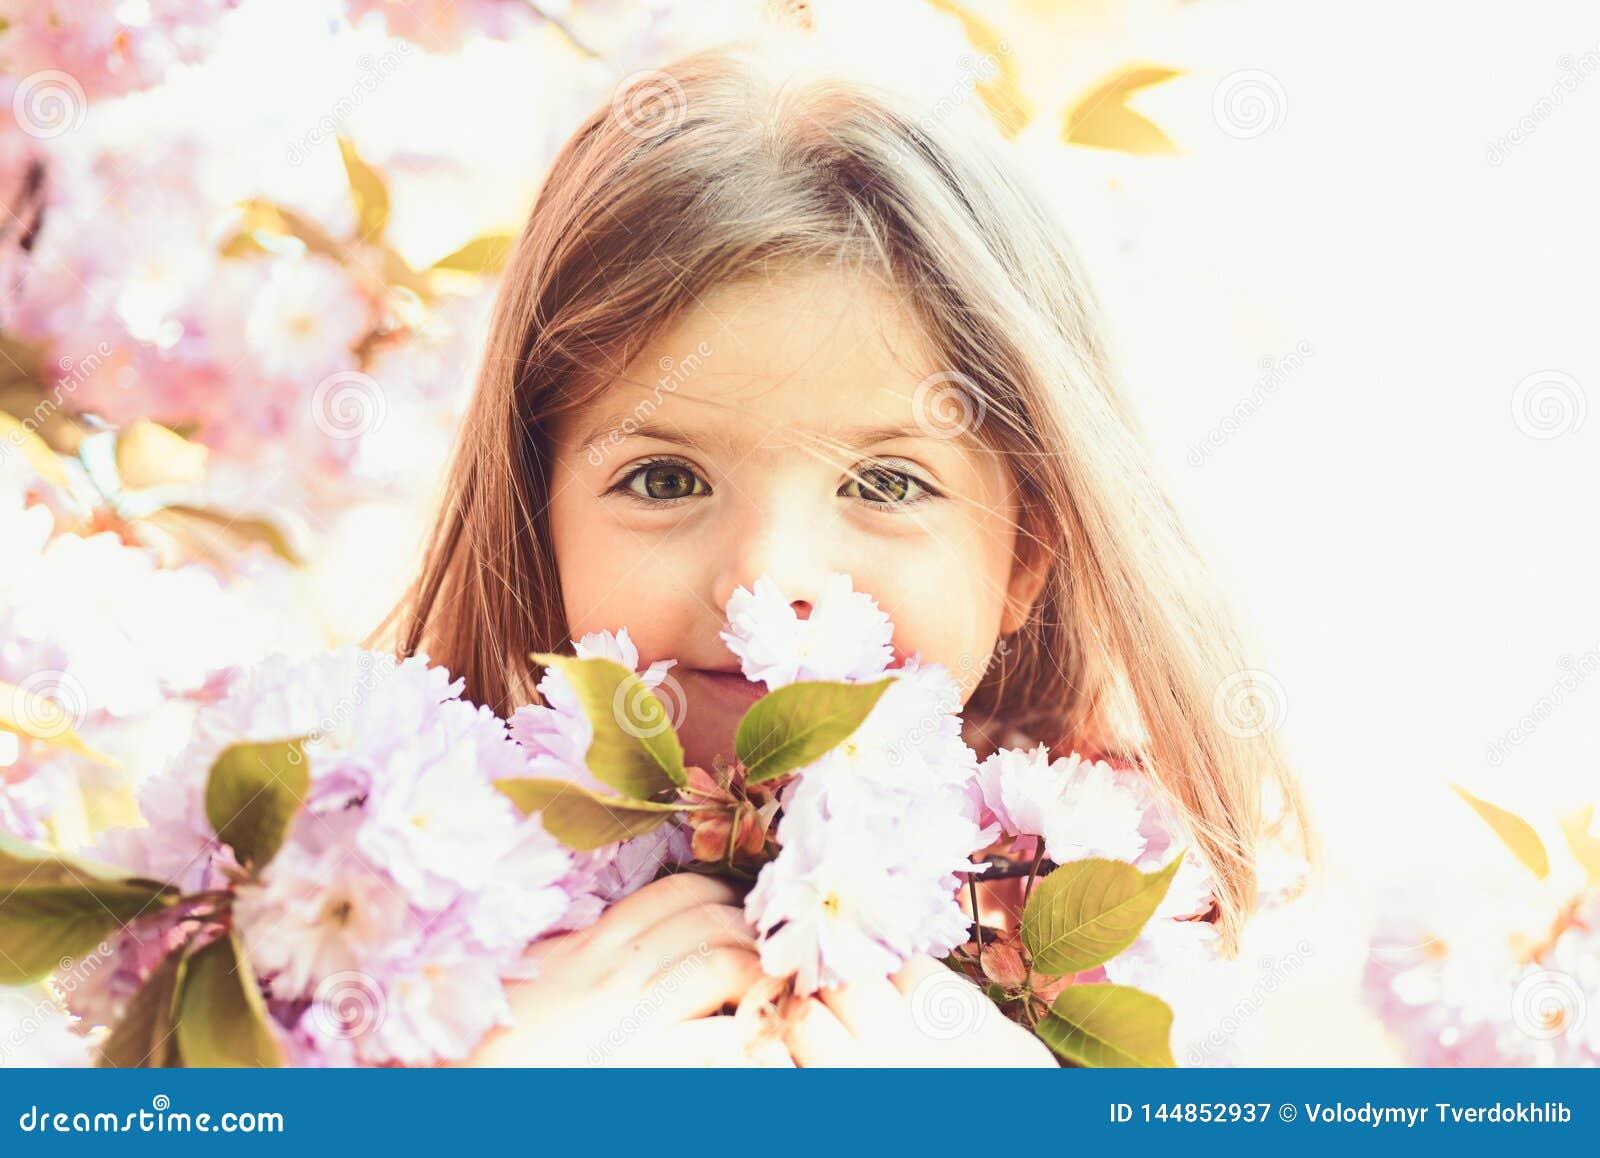 Primavera bambina di previsioni del tempo in molla soleggiata fronte e skincare Allergia ai fiori Modo della ragazza di estate